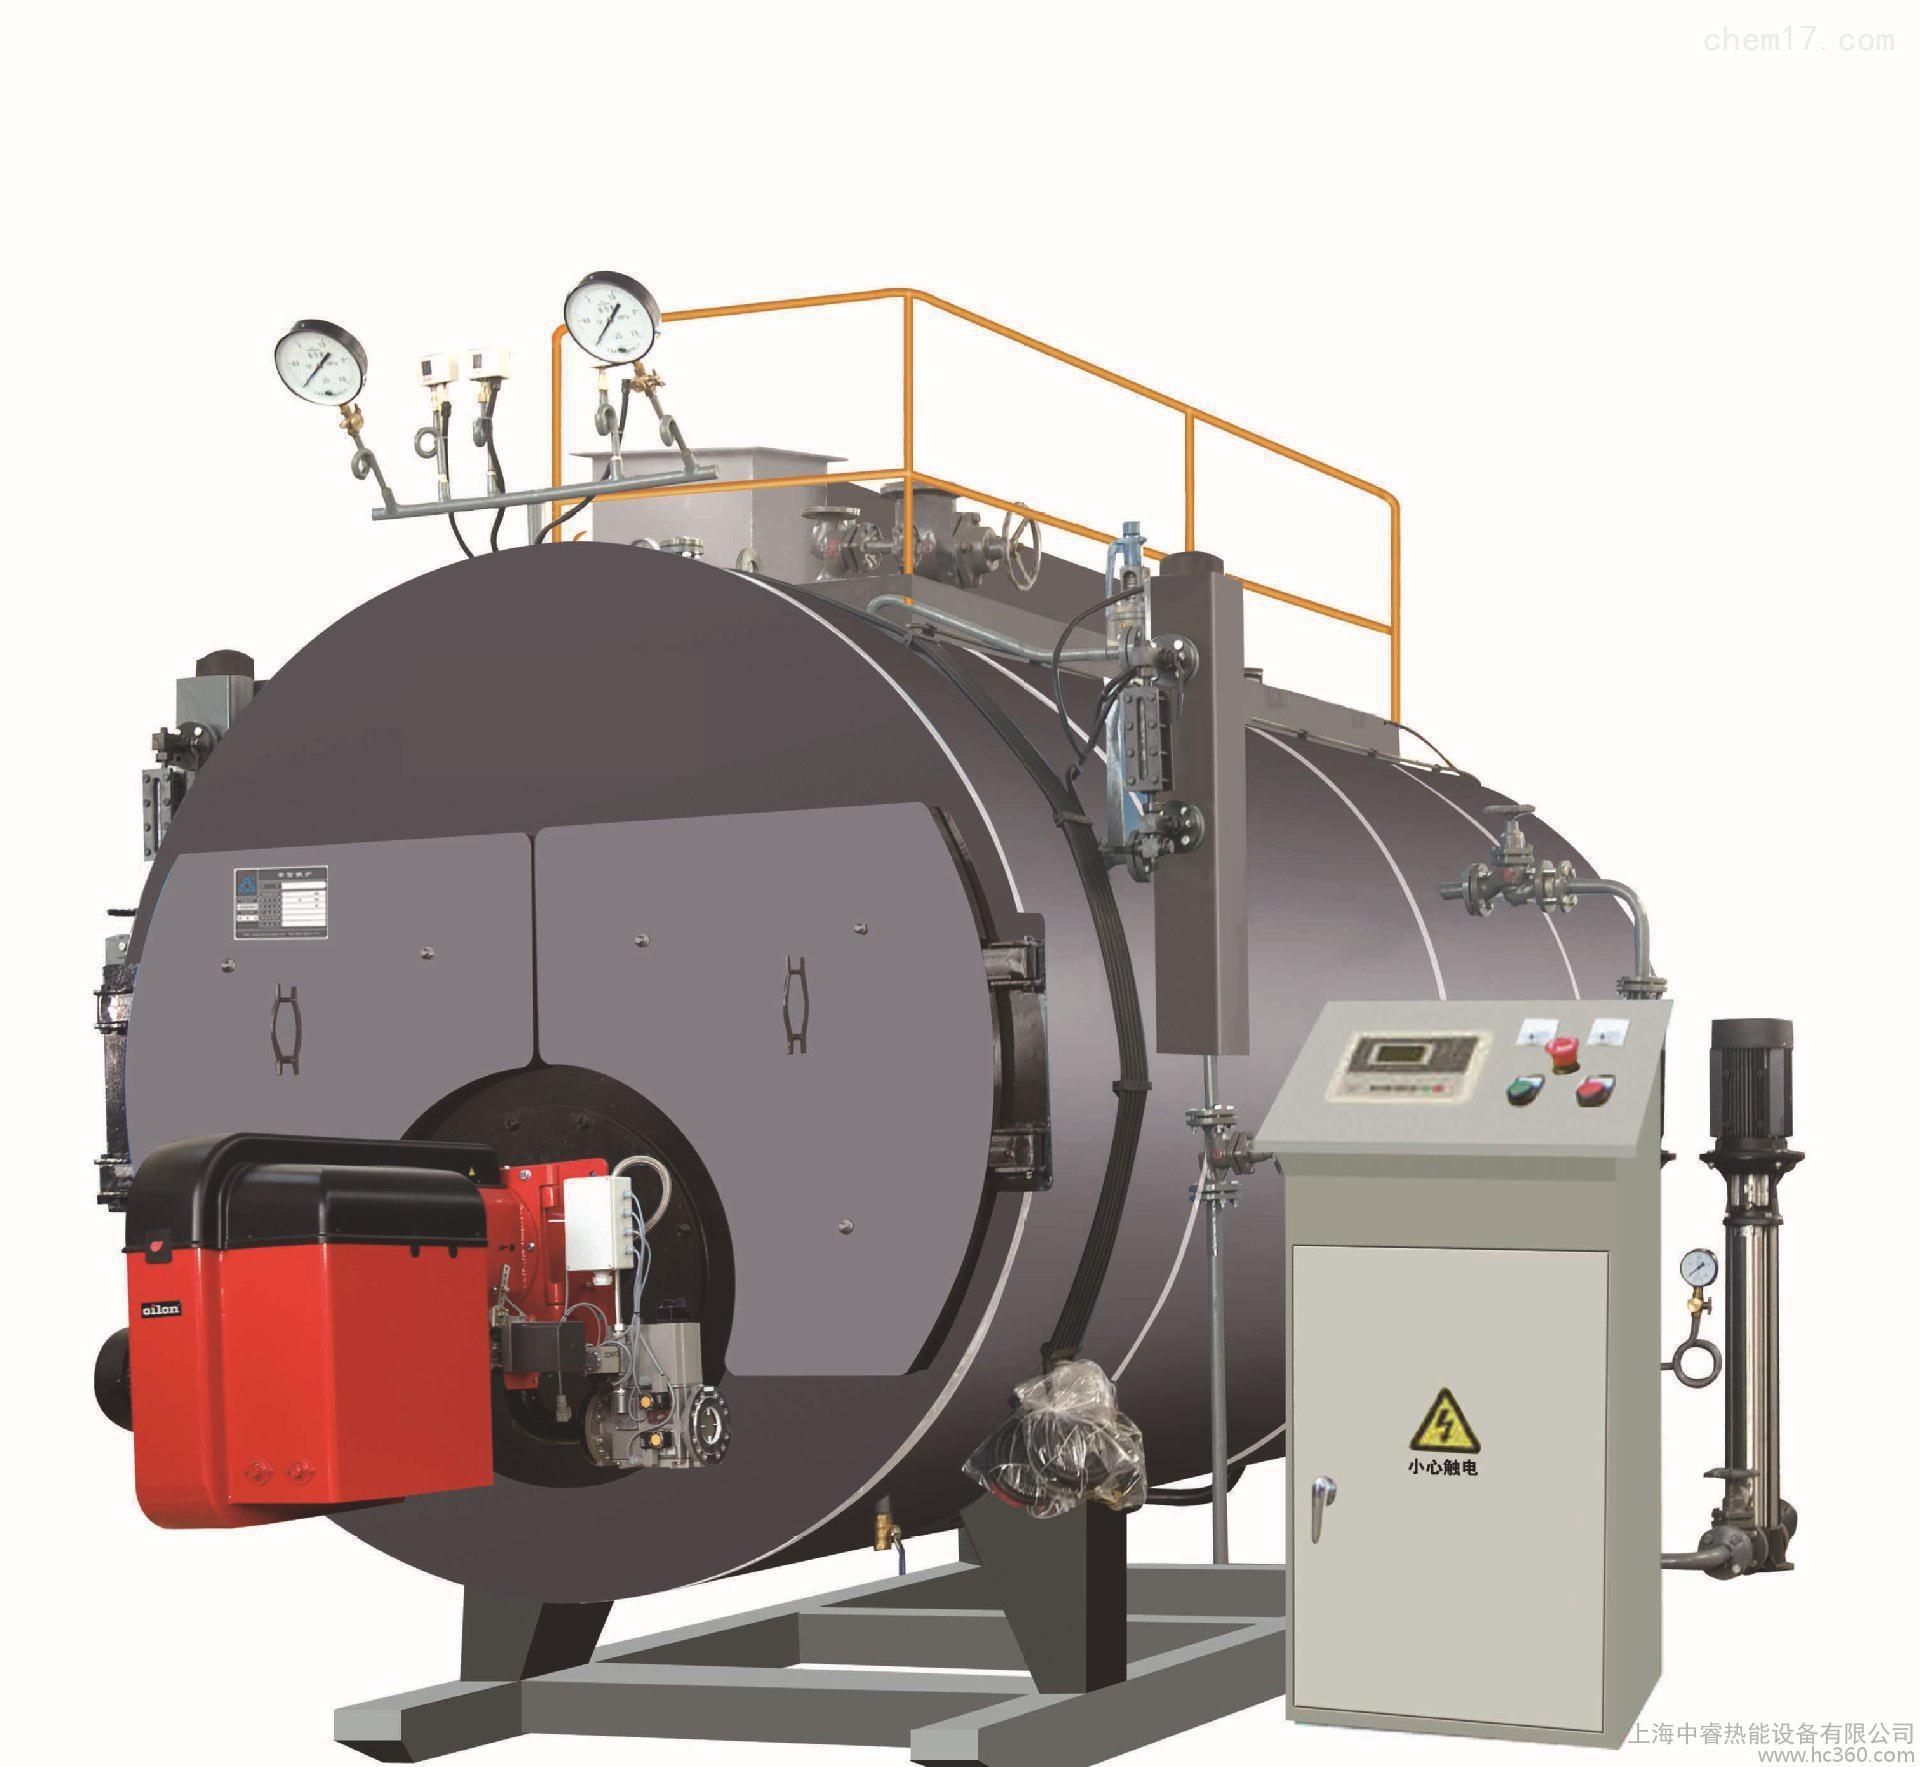 河北廊坊6吨环保锅炉